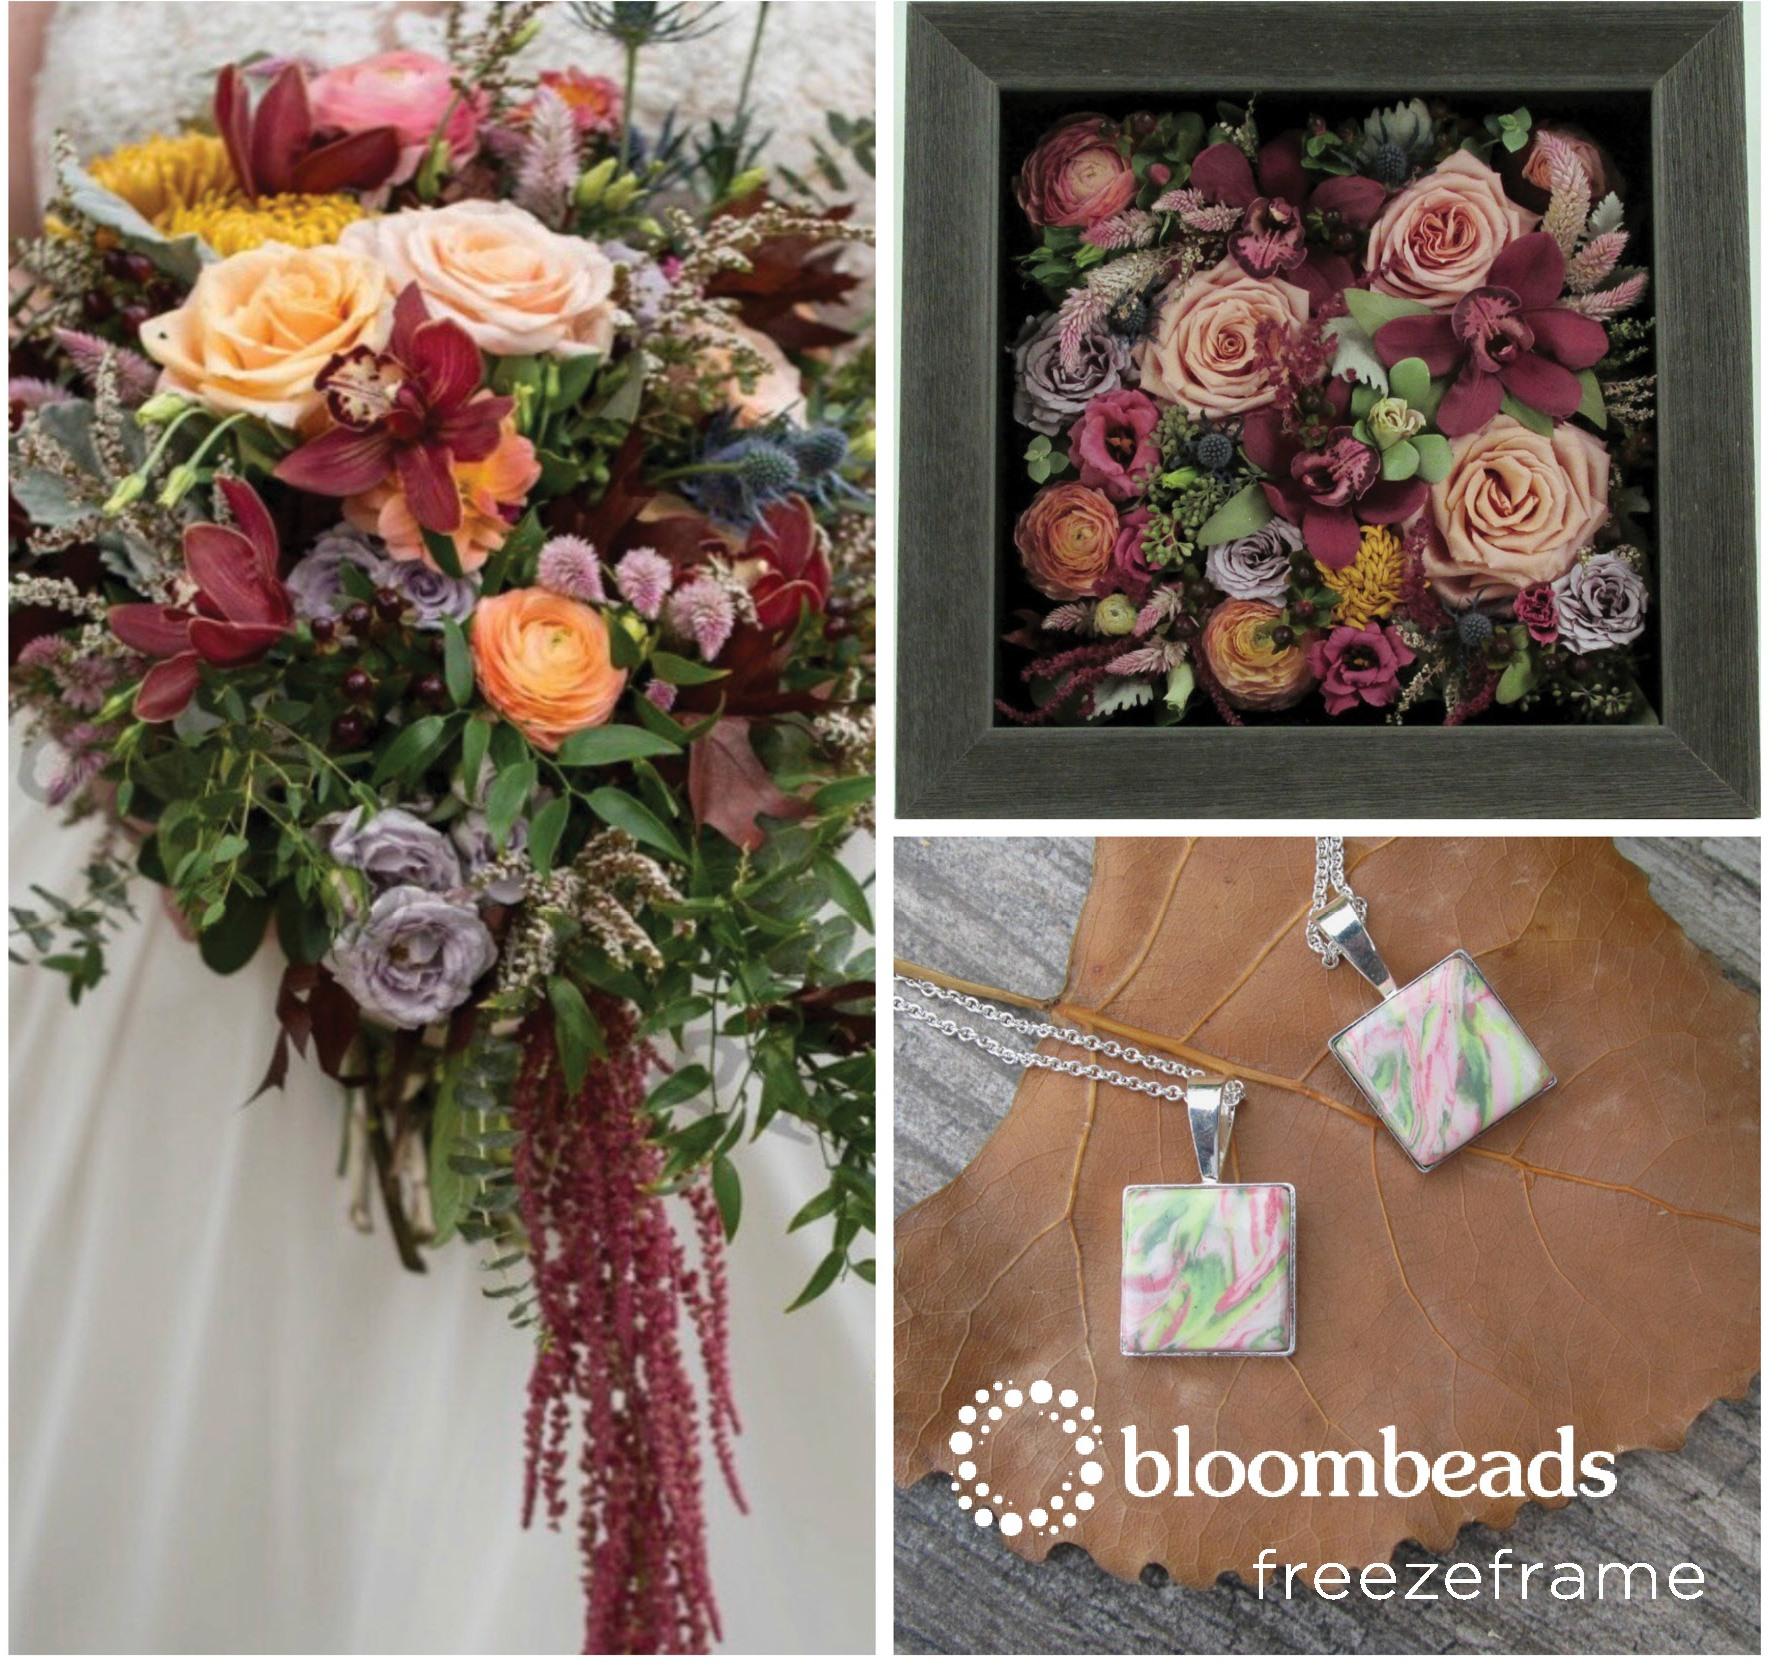 Bloombeads-Patron Sponsor Luxe Cincy